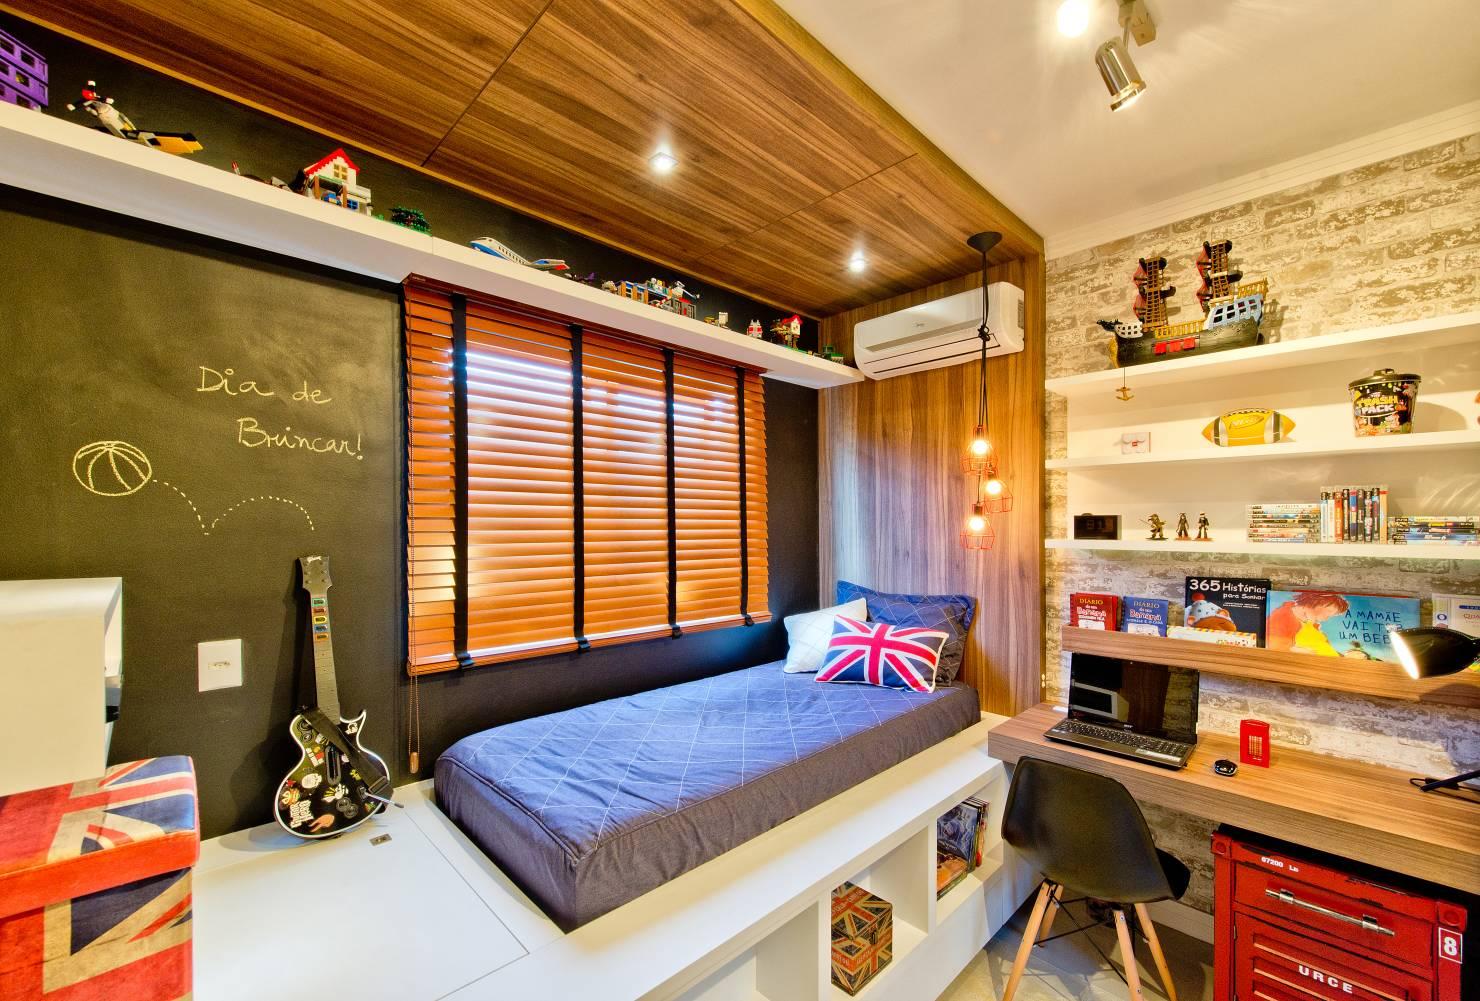 awesome-herkesin-yapabilecegi-yatak-odasi-dekorasyon-fikirleri-19 Herkesin Yapabileceği Yatak Odası Dekorasyon Fikirleri